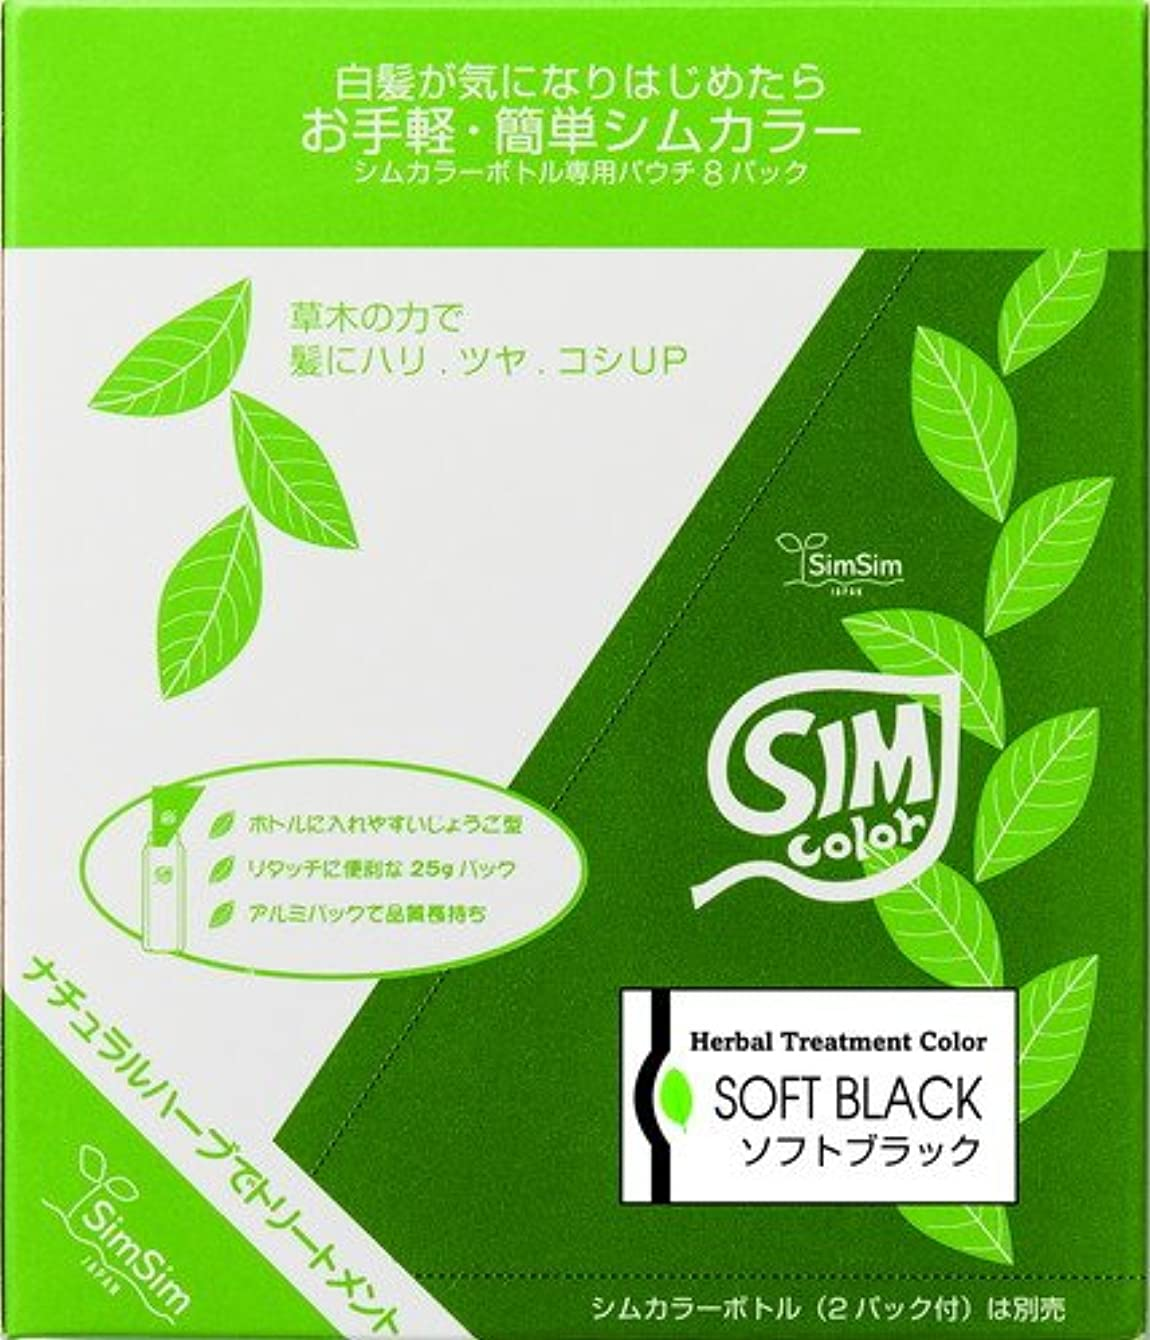 ホイットニー充電島SimSim(シムシム)お手軽簡単シムカラーエクストラ(EX)25g 8袋 ソフトブラック